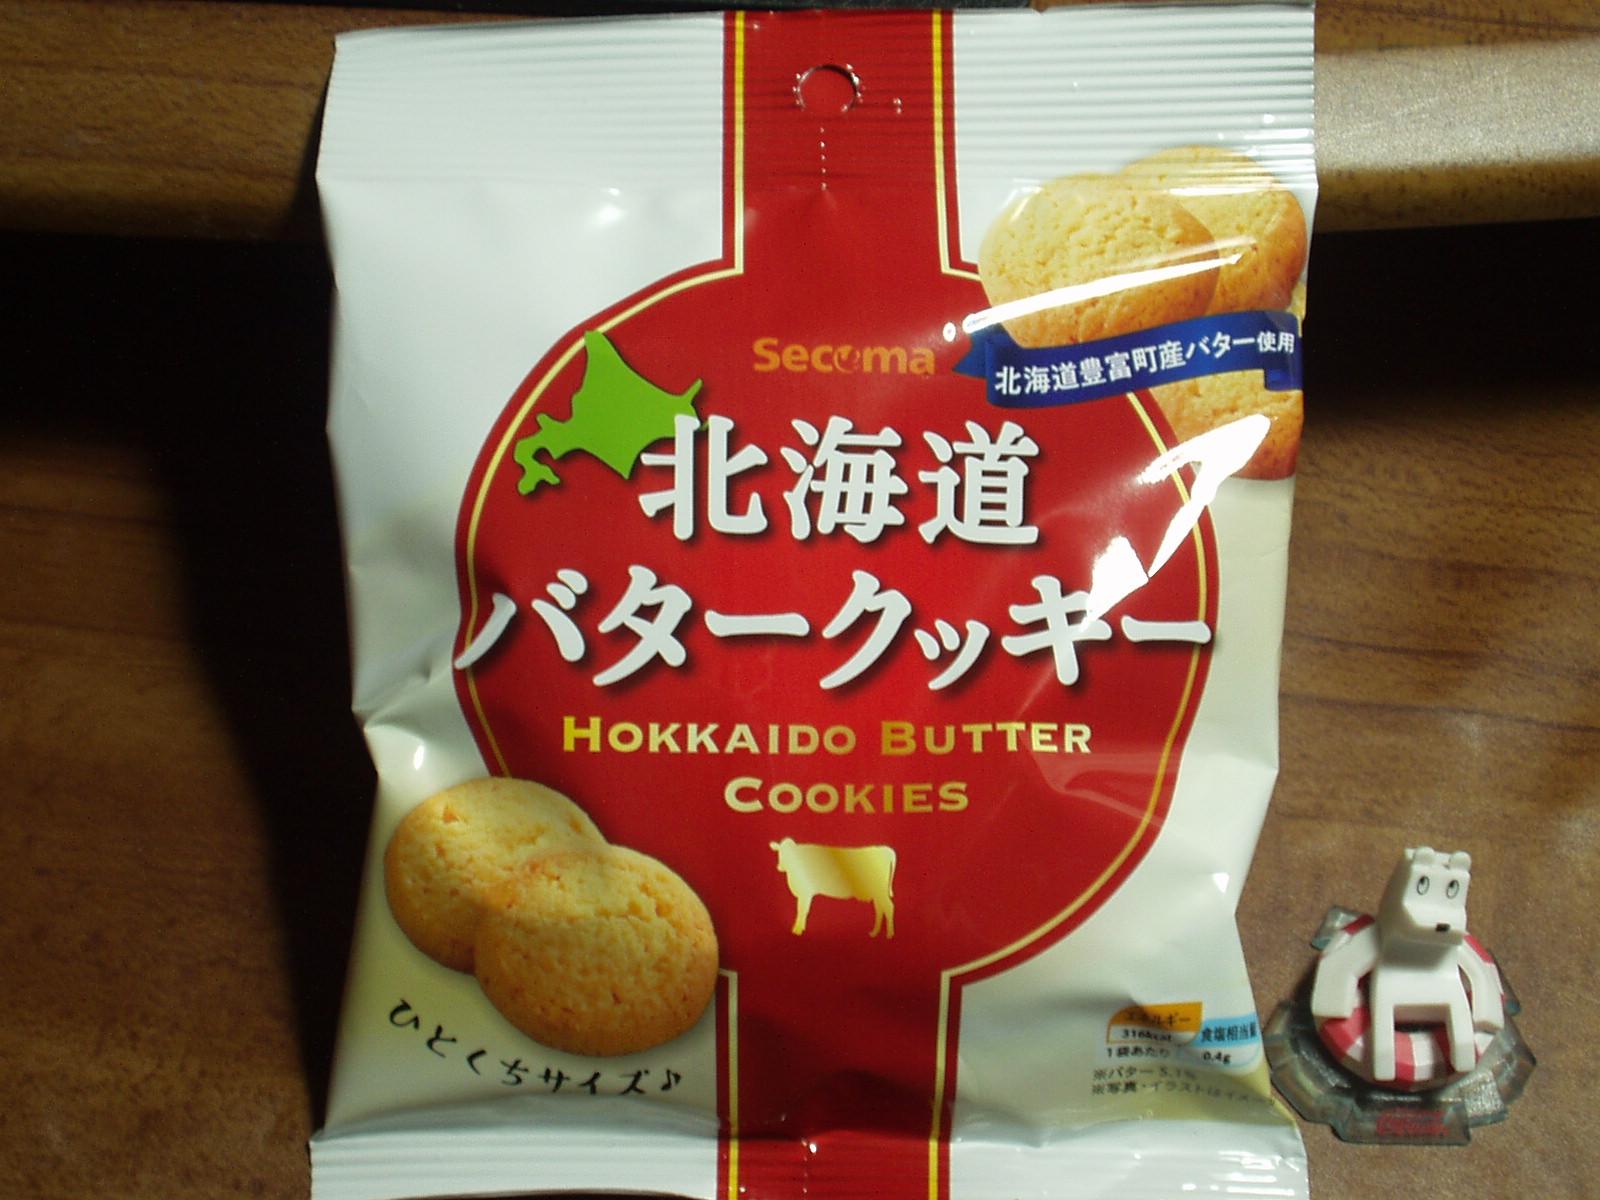 セイコーマート 北海道バタークッキー